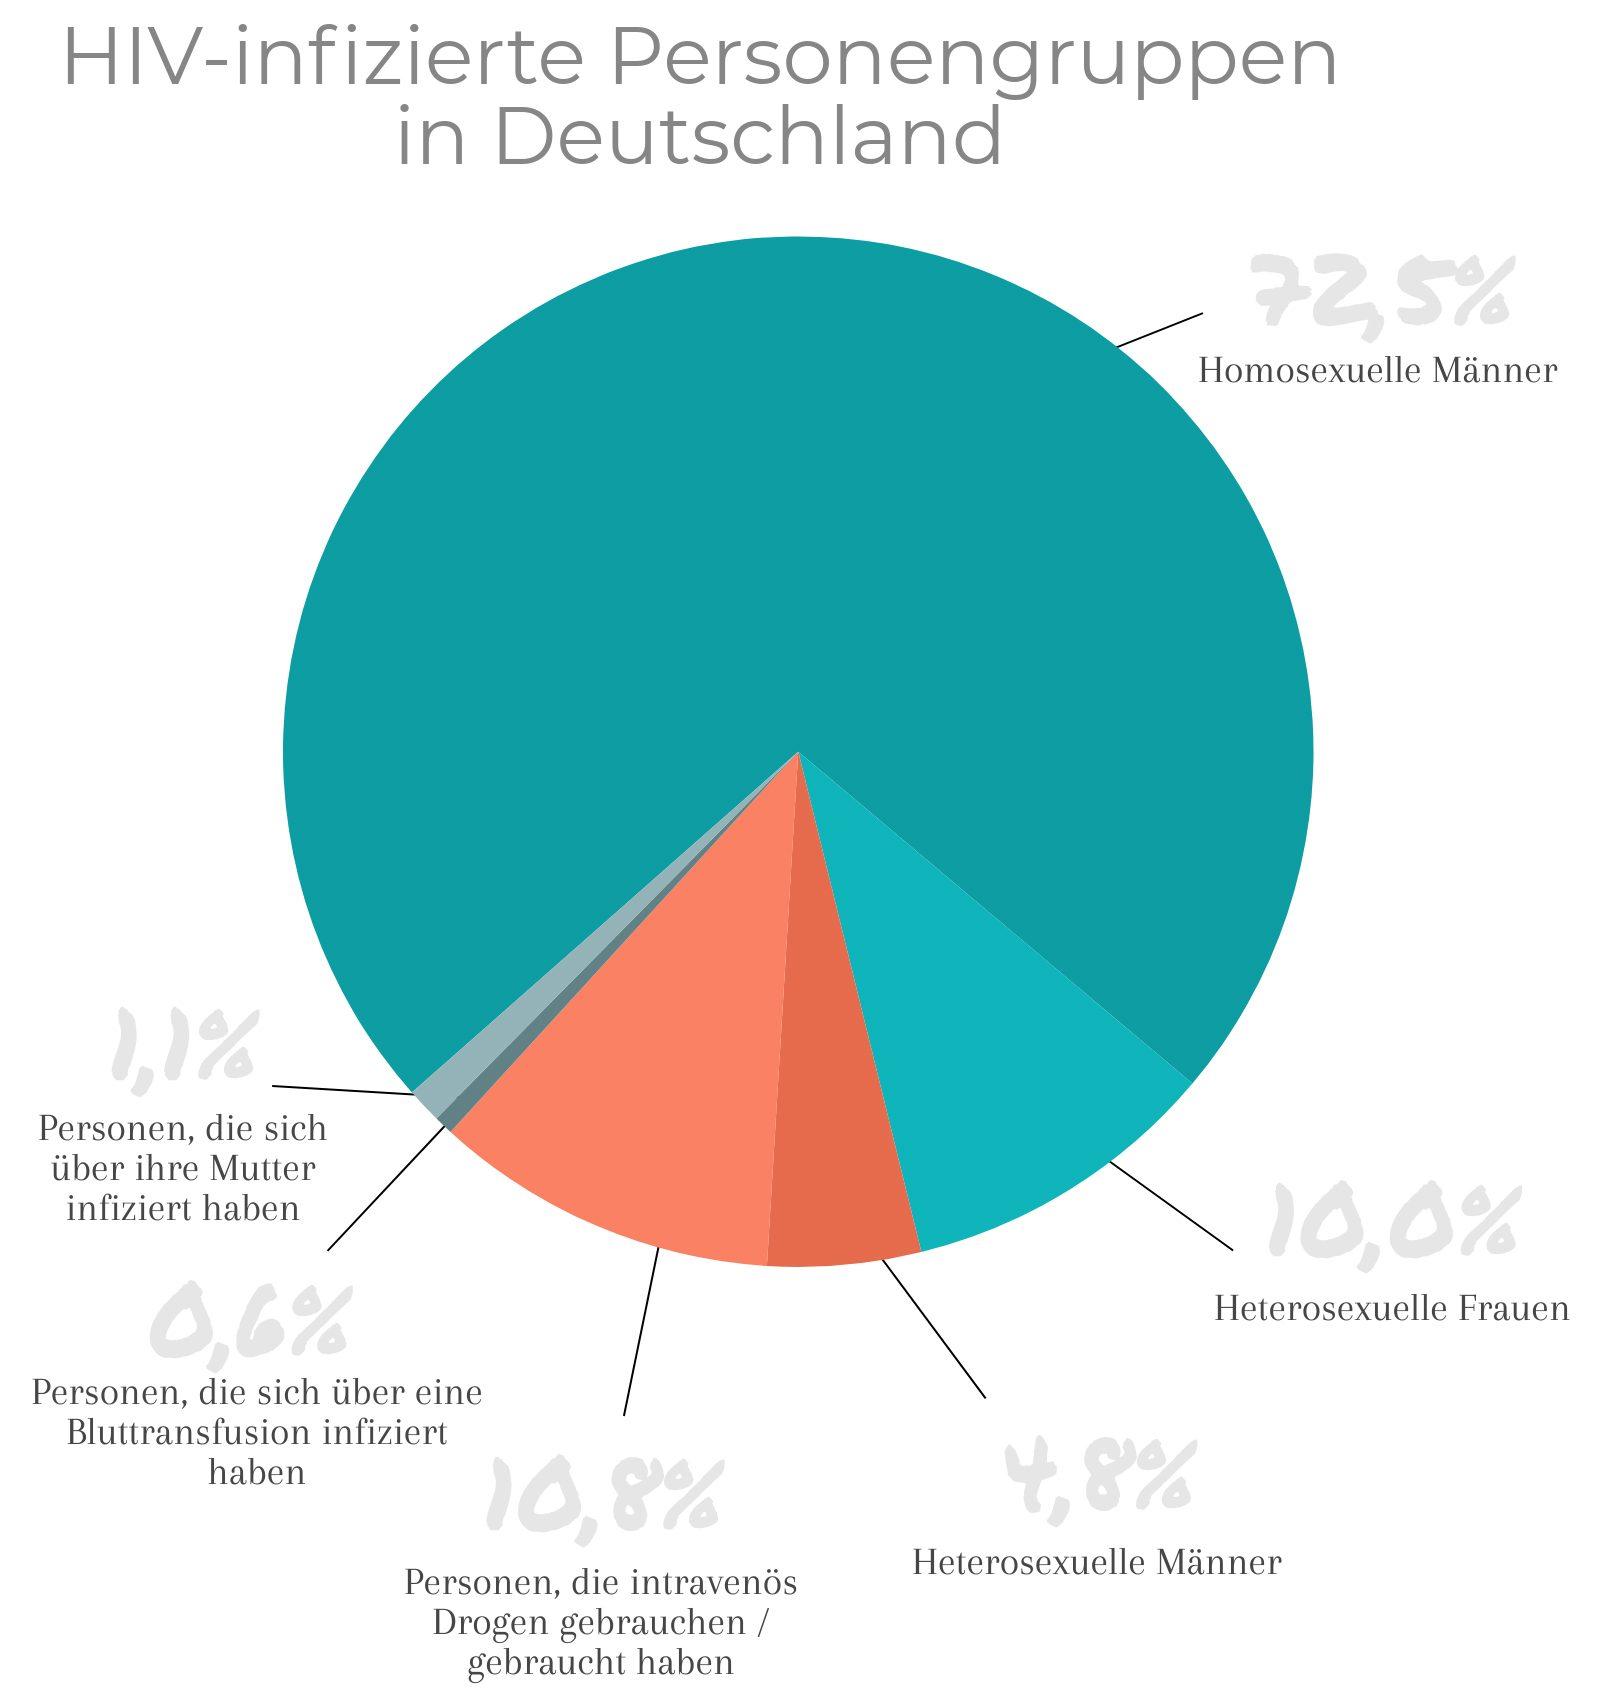 Grafik der HIV-infizierten Personengruppen in Deutschland.